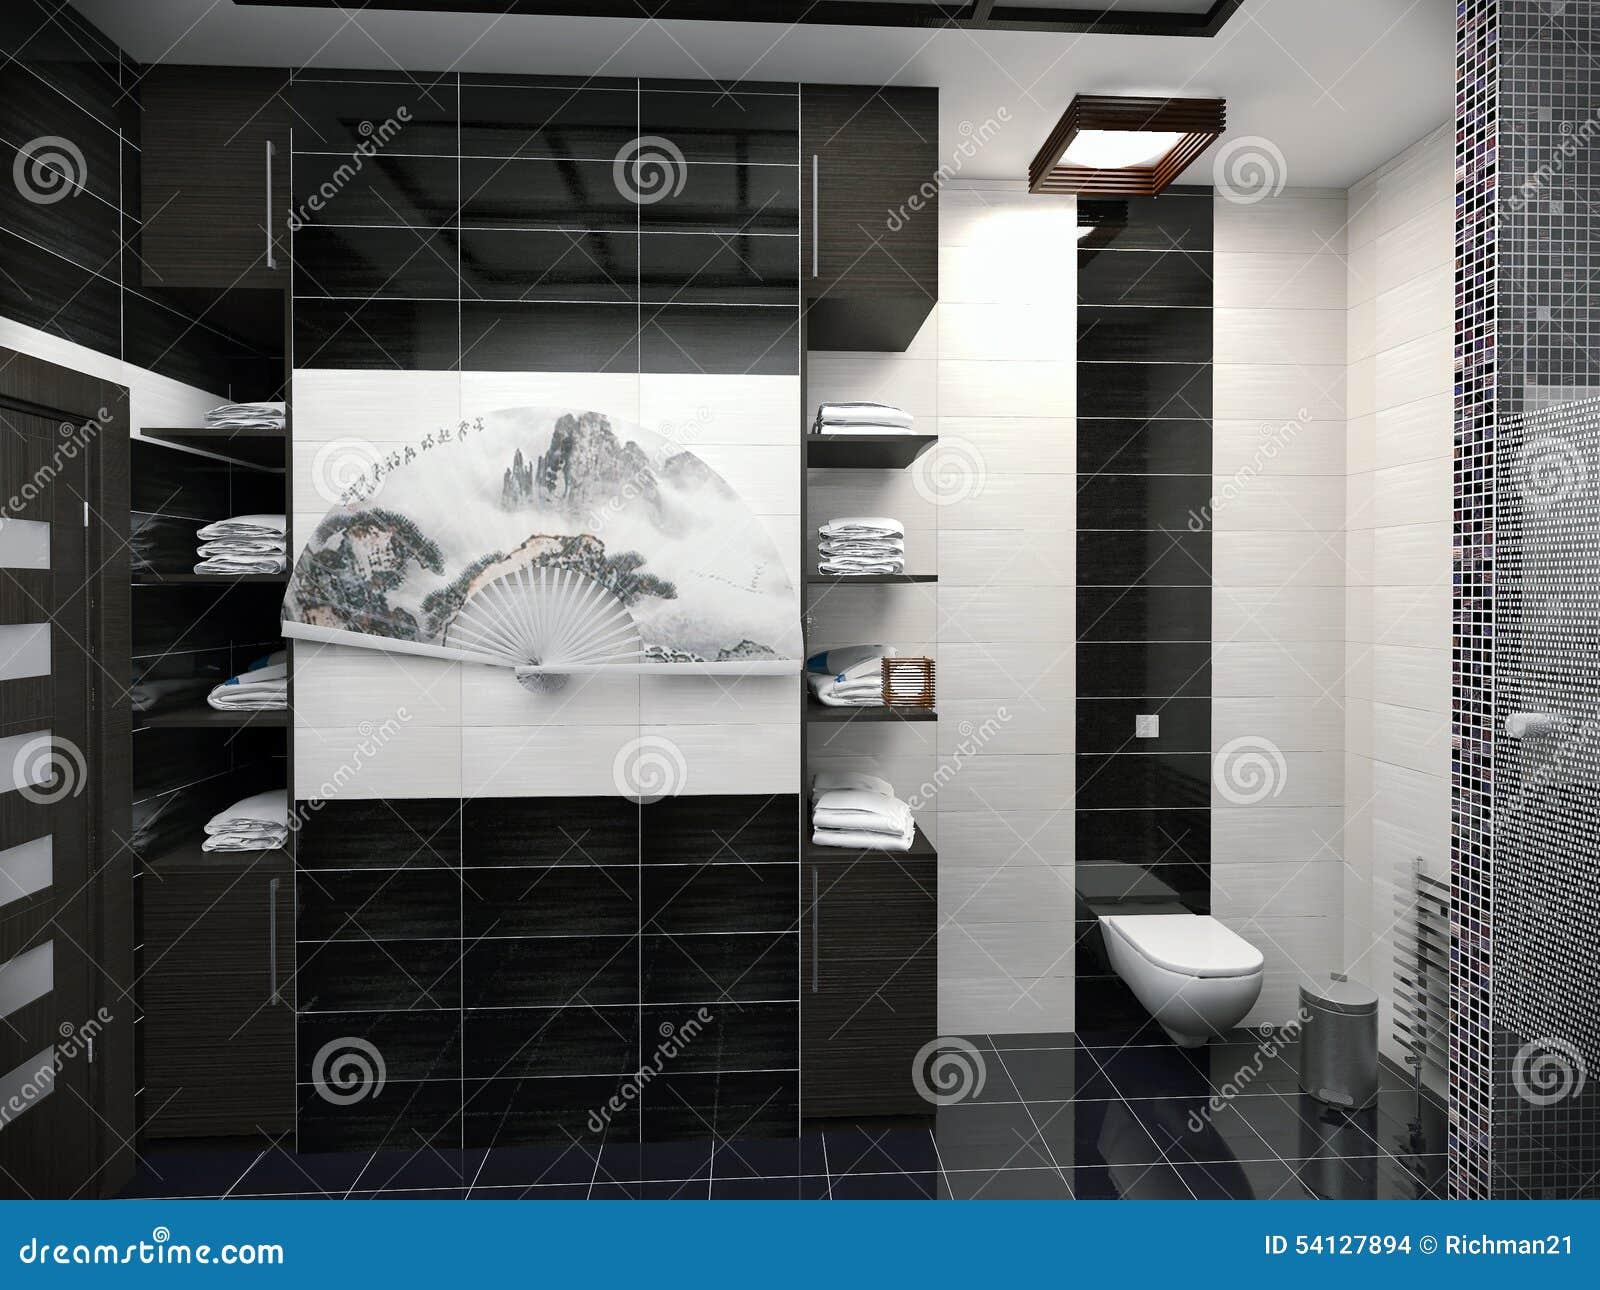 Ejemplo 3D Del Diseño De Un Cuarto De Baño En Color Blanco Y Negro ...